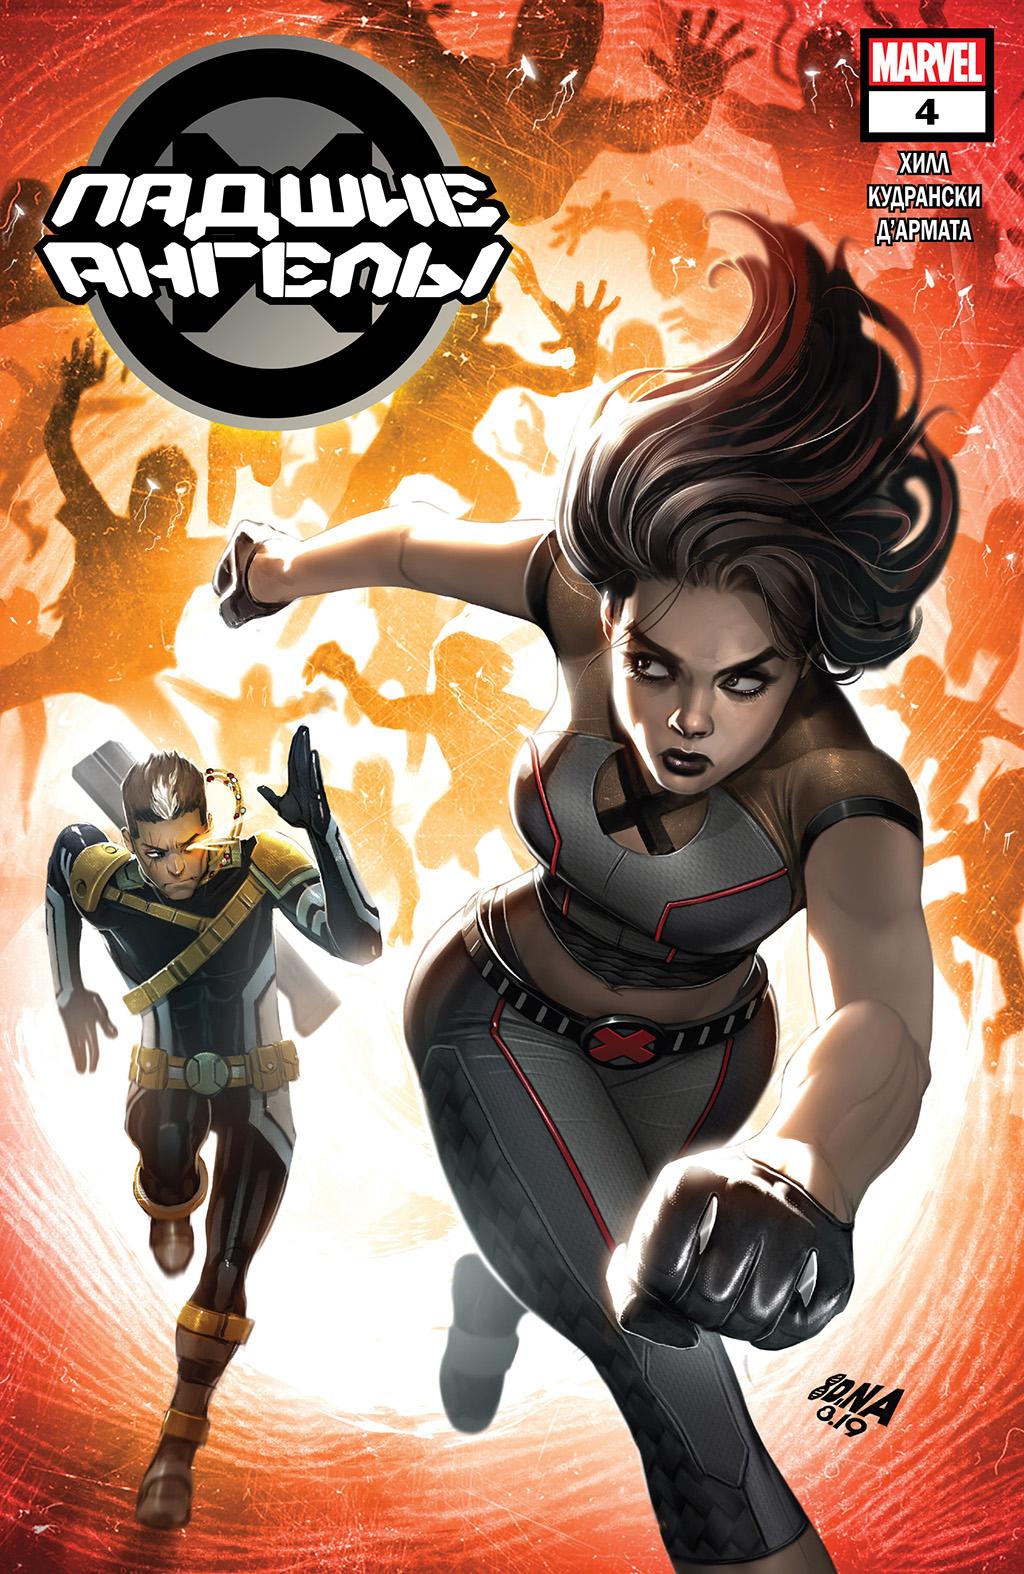 Комикс Люди-Икс - Падшие ангелы